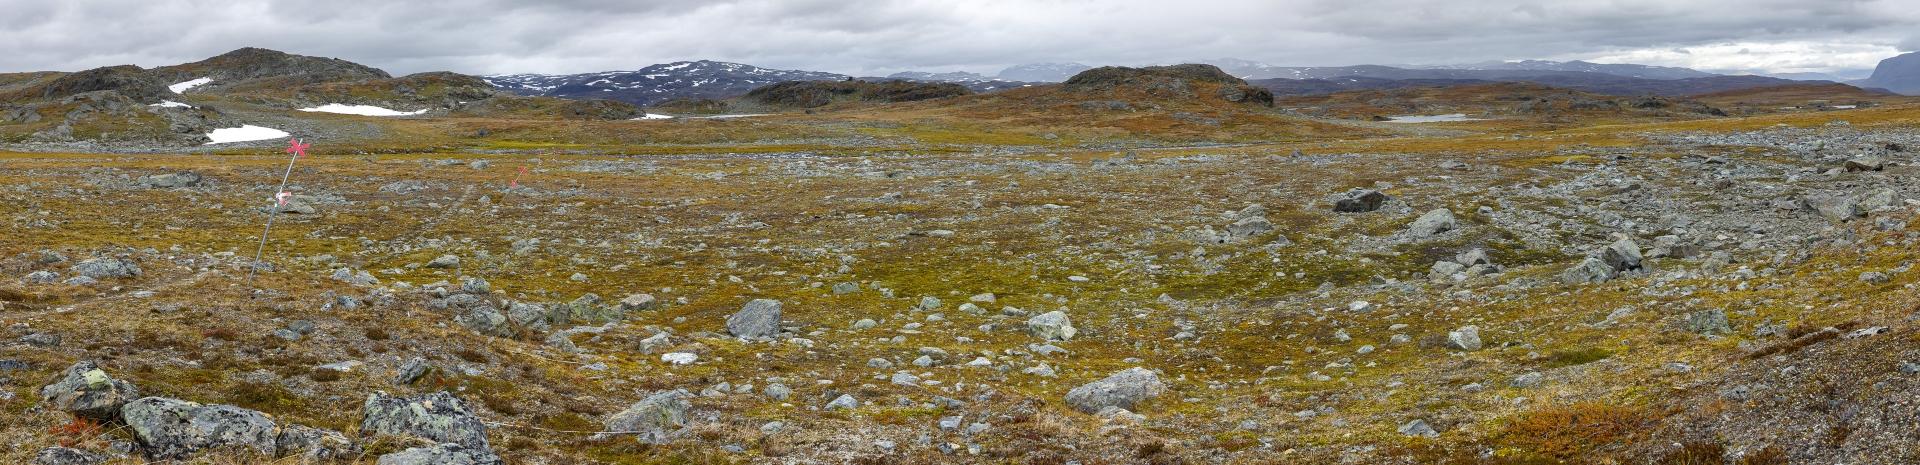 Der Weg über das Plateau